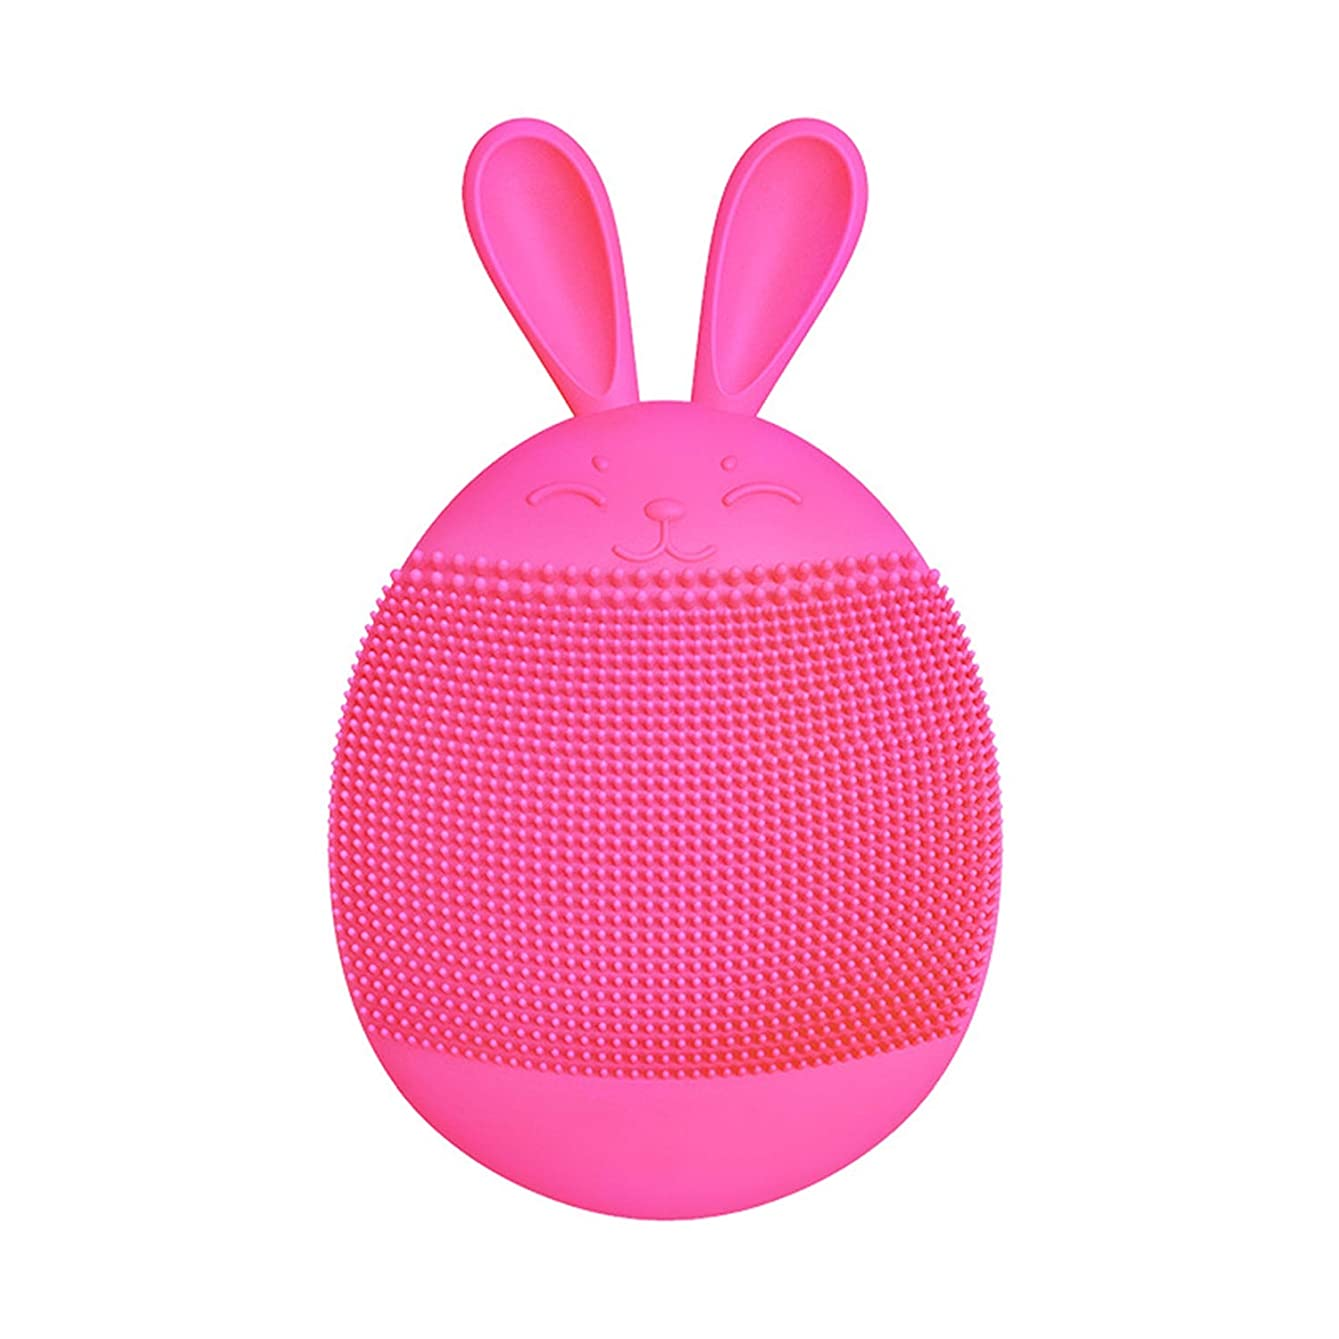 中止しますせっかちシルエットクレンジングブラシ、シリコンハンドヘルド電動クレンジング楽器多機能ポータブル洗顔美容器具(ピンク),D